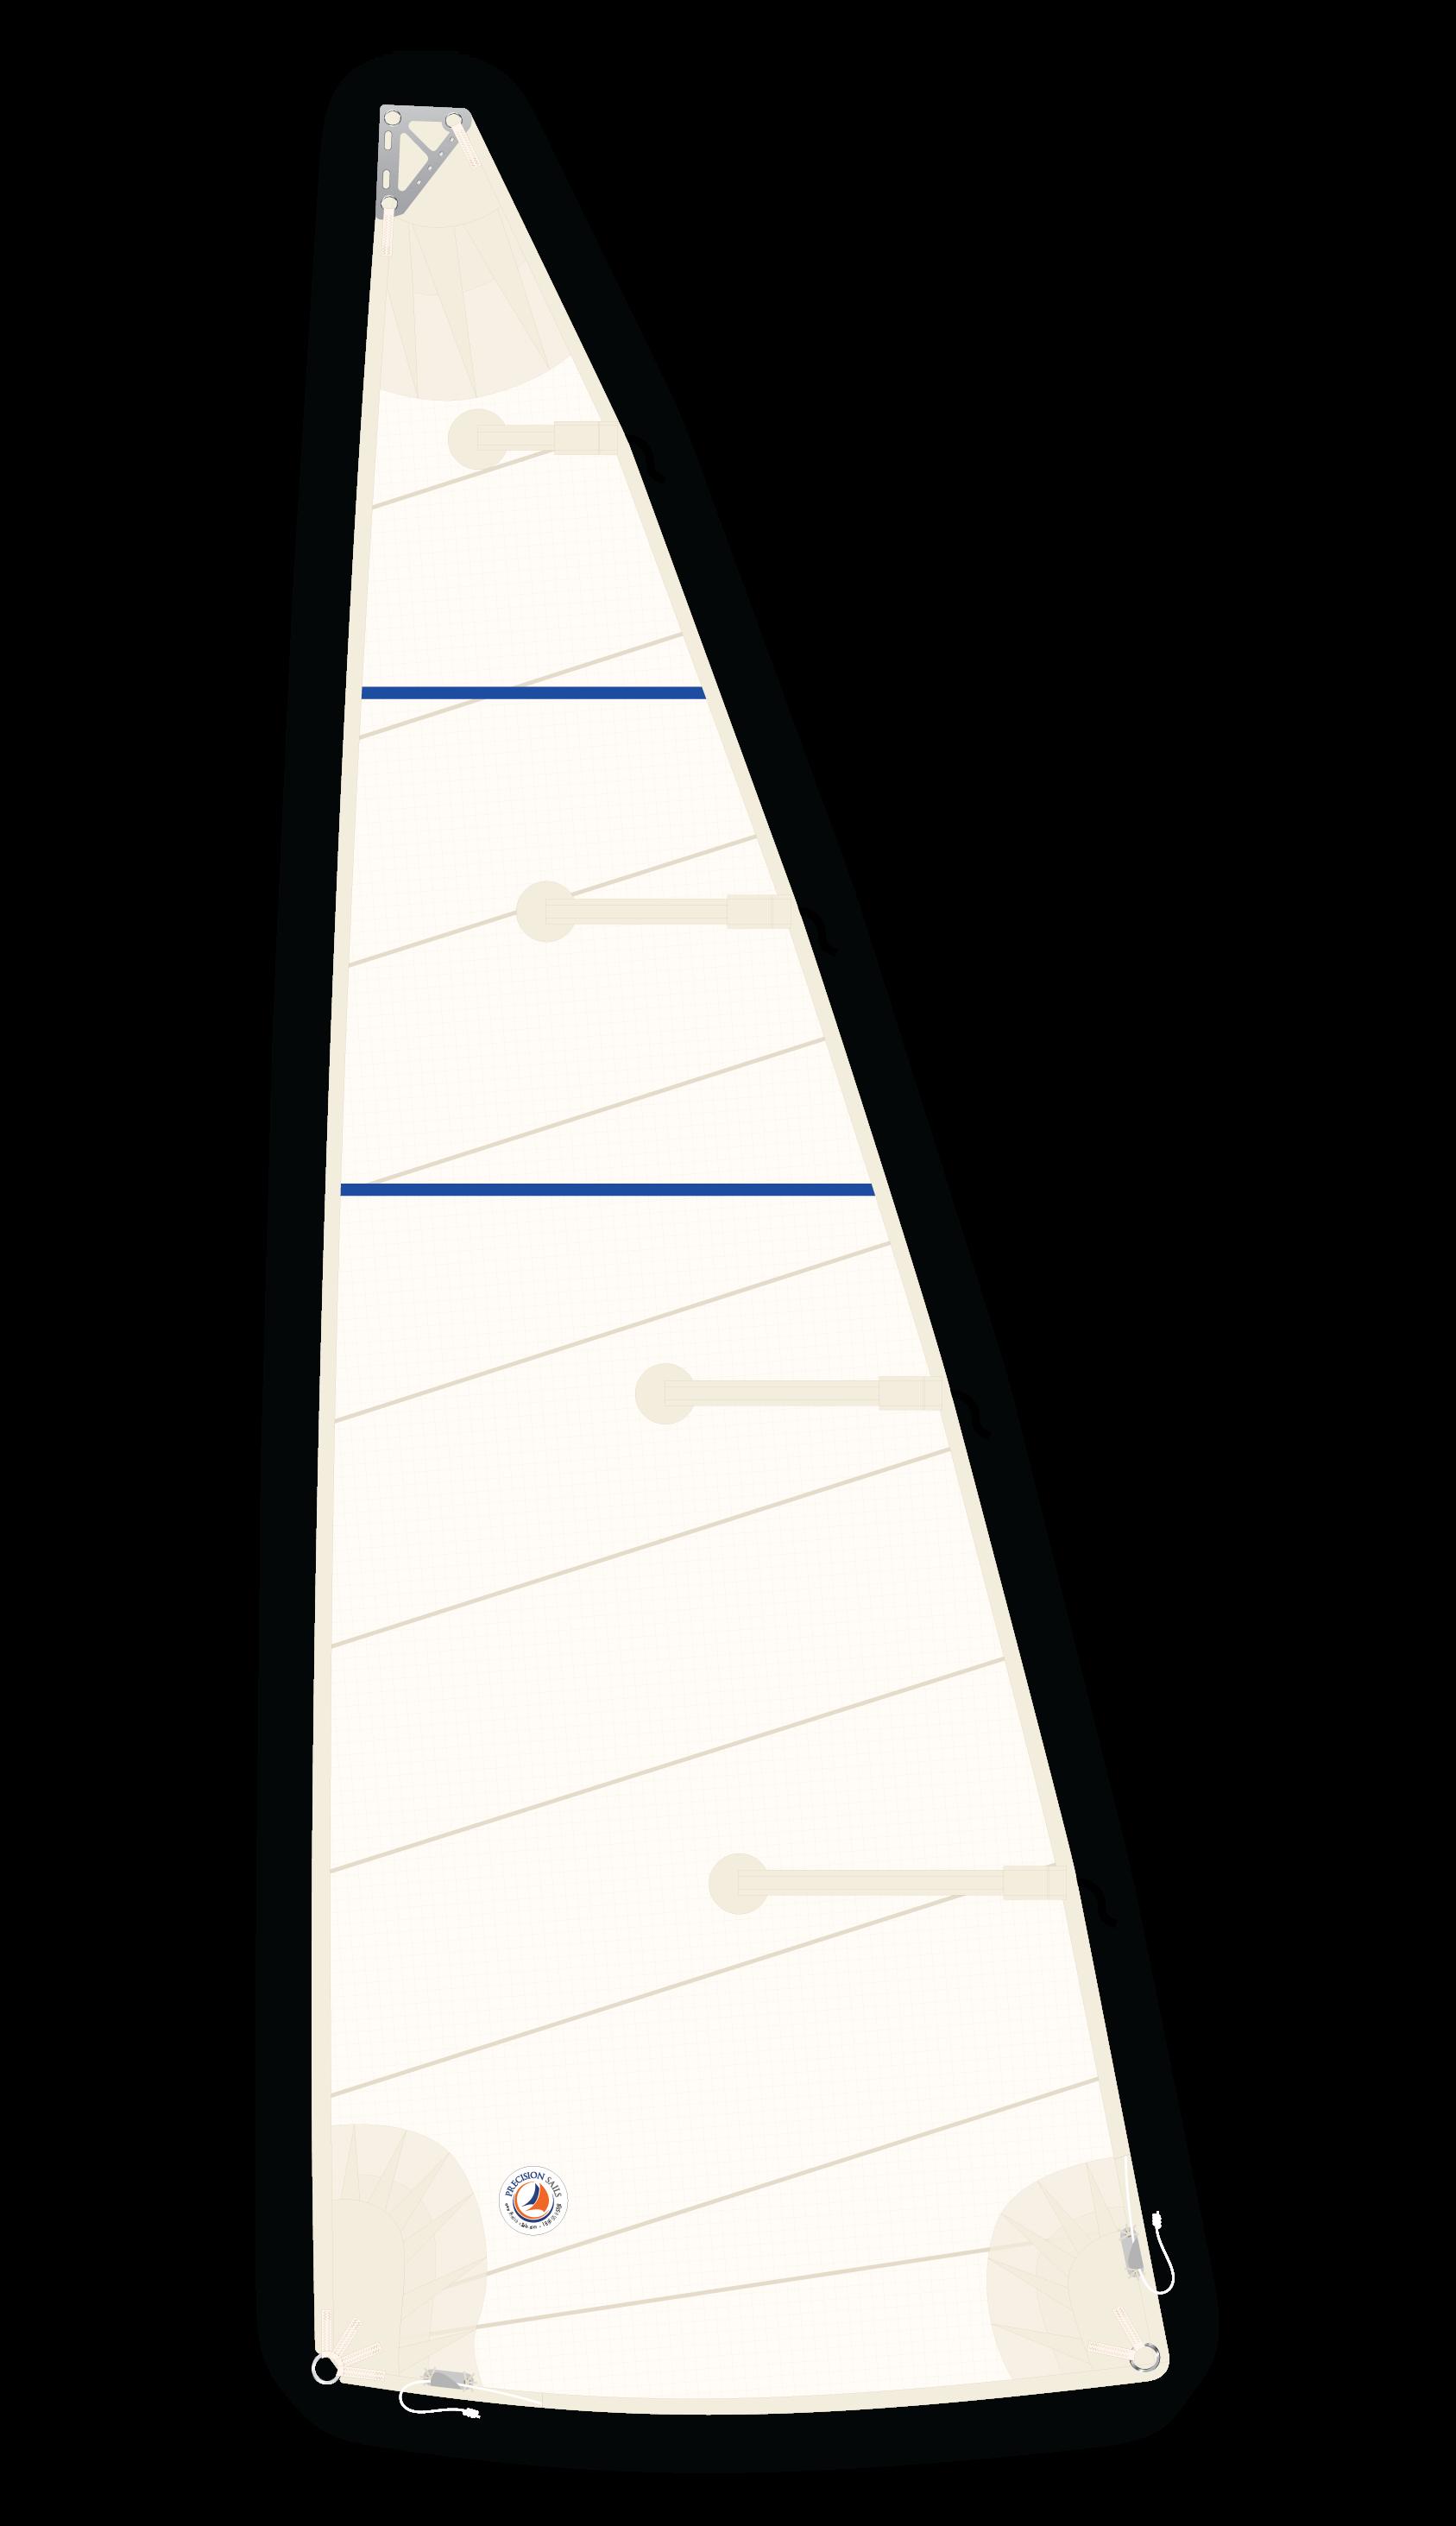 Dacron Mainsail